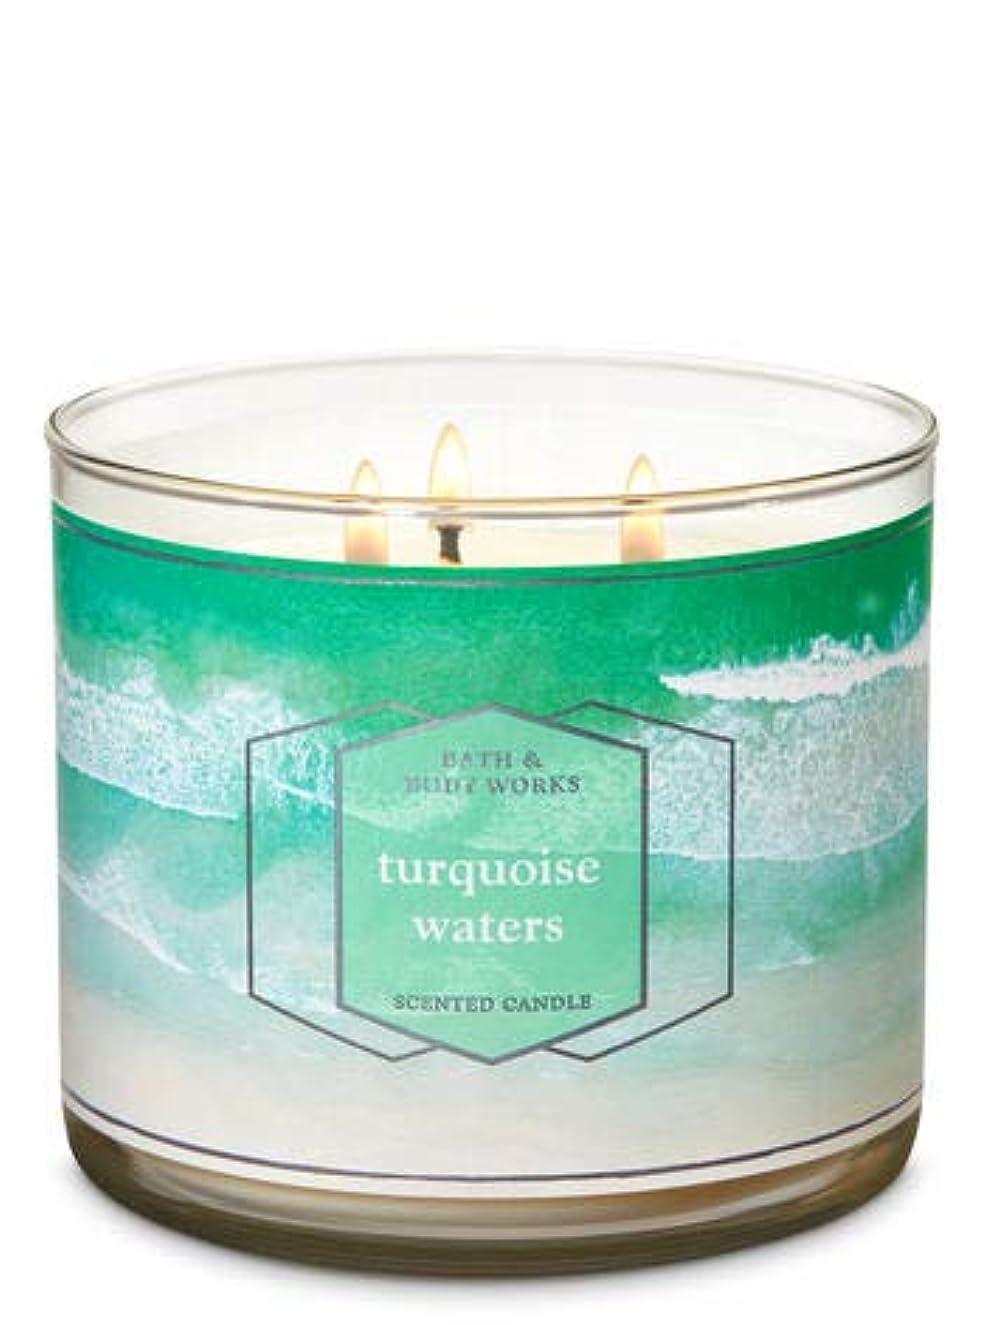 告白するホースペフ【Bath&Body Works/バス&ボディワークス】 アロマキャンドル ターコイズウォーター 3-Wick Scented Candle Turquoise Waters 14.5oz/411g [並行輸入品]